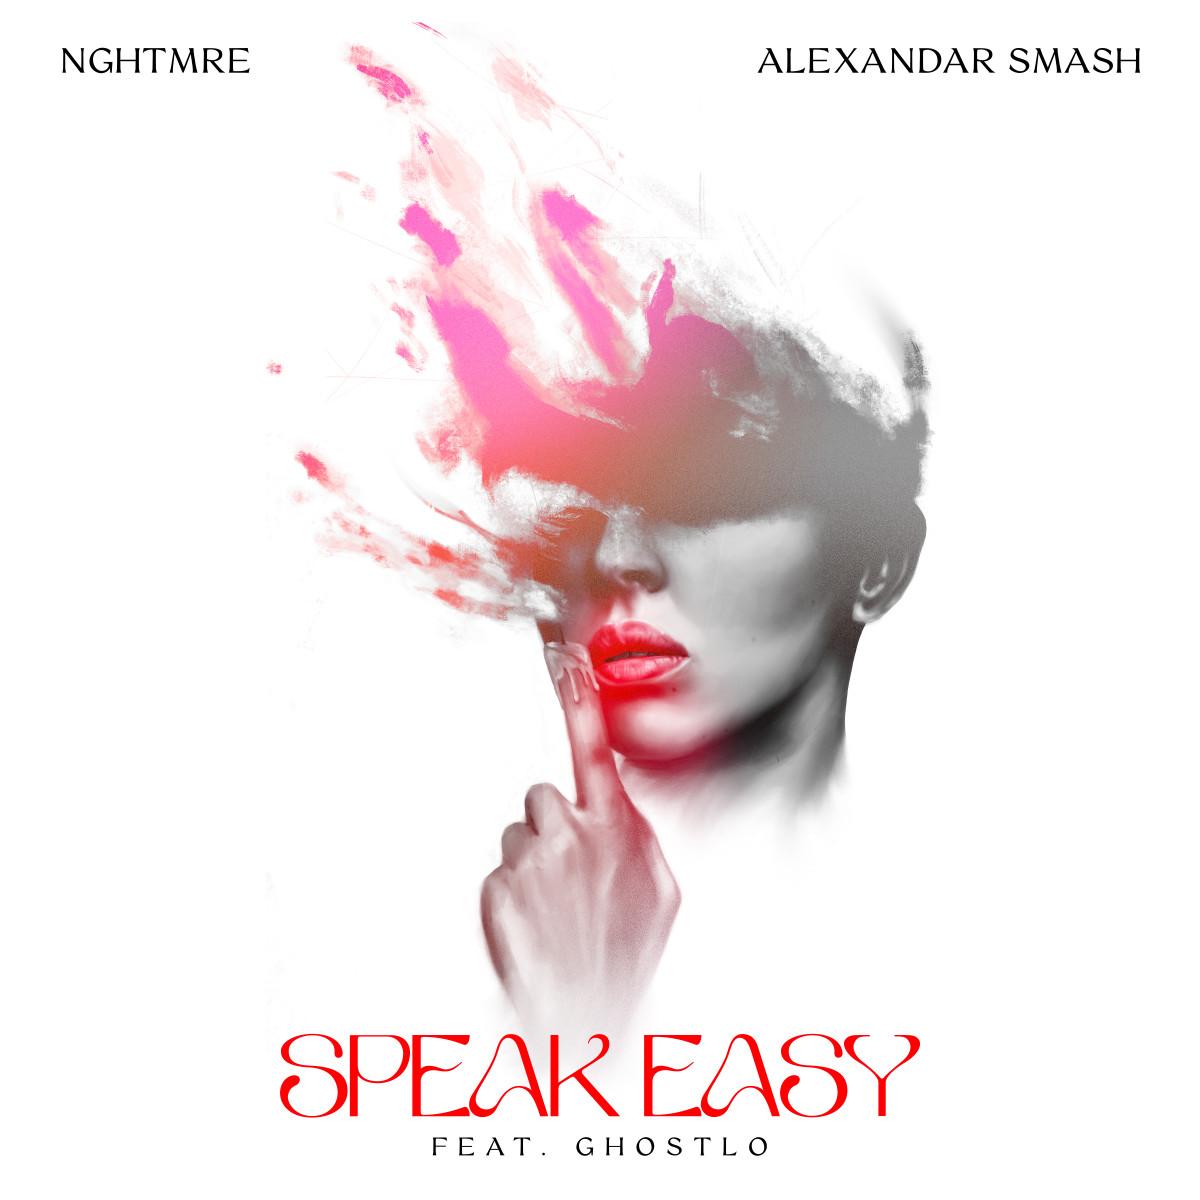 Обложка для нового сингла NGHTMRE и Александра Смэша